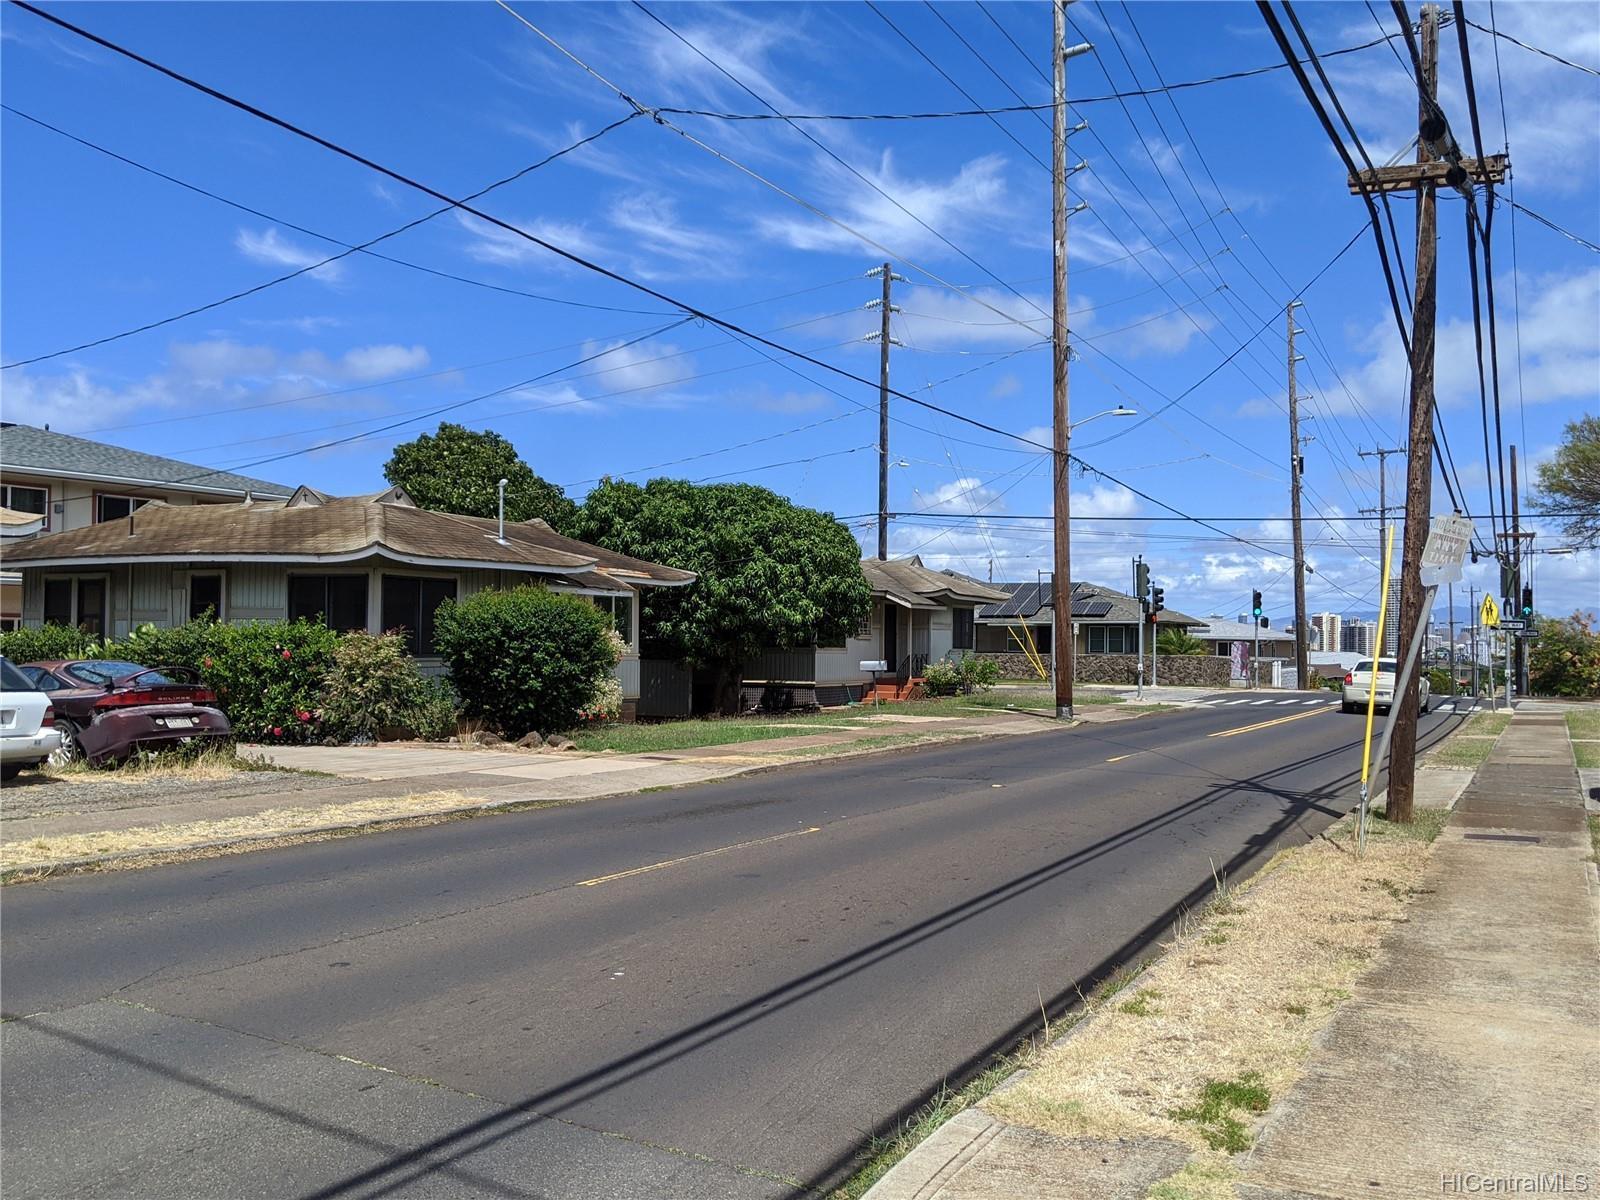 3358 Harding Ave Honolulu - Rental - photo 18 of 18